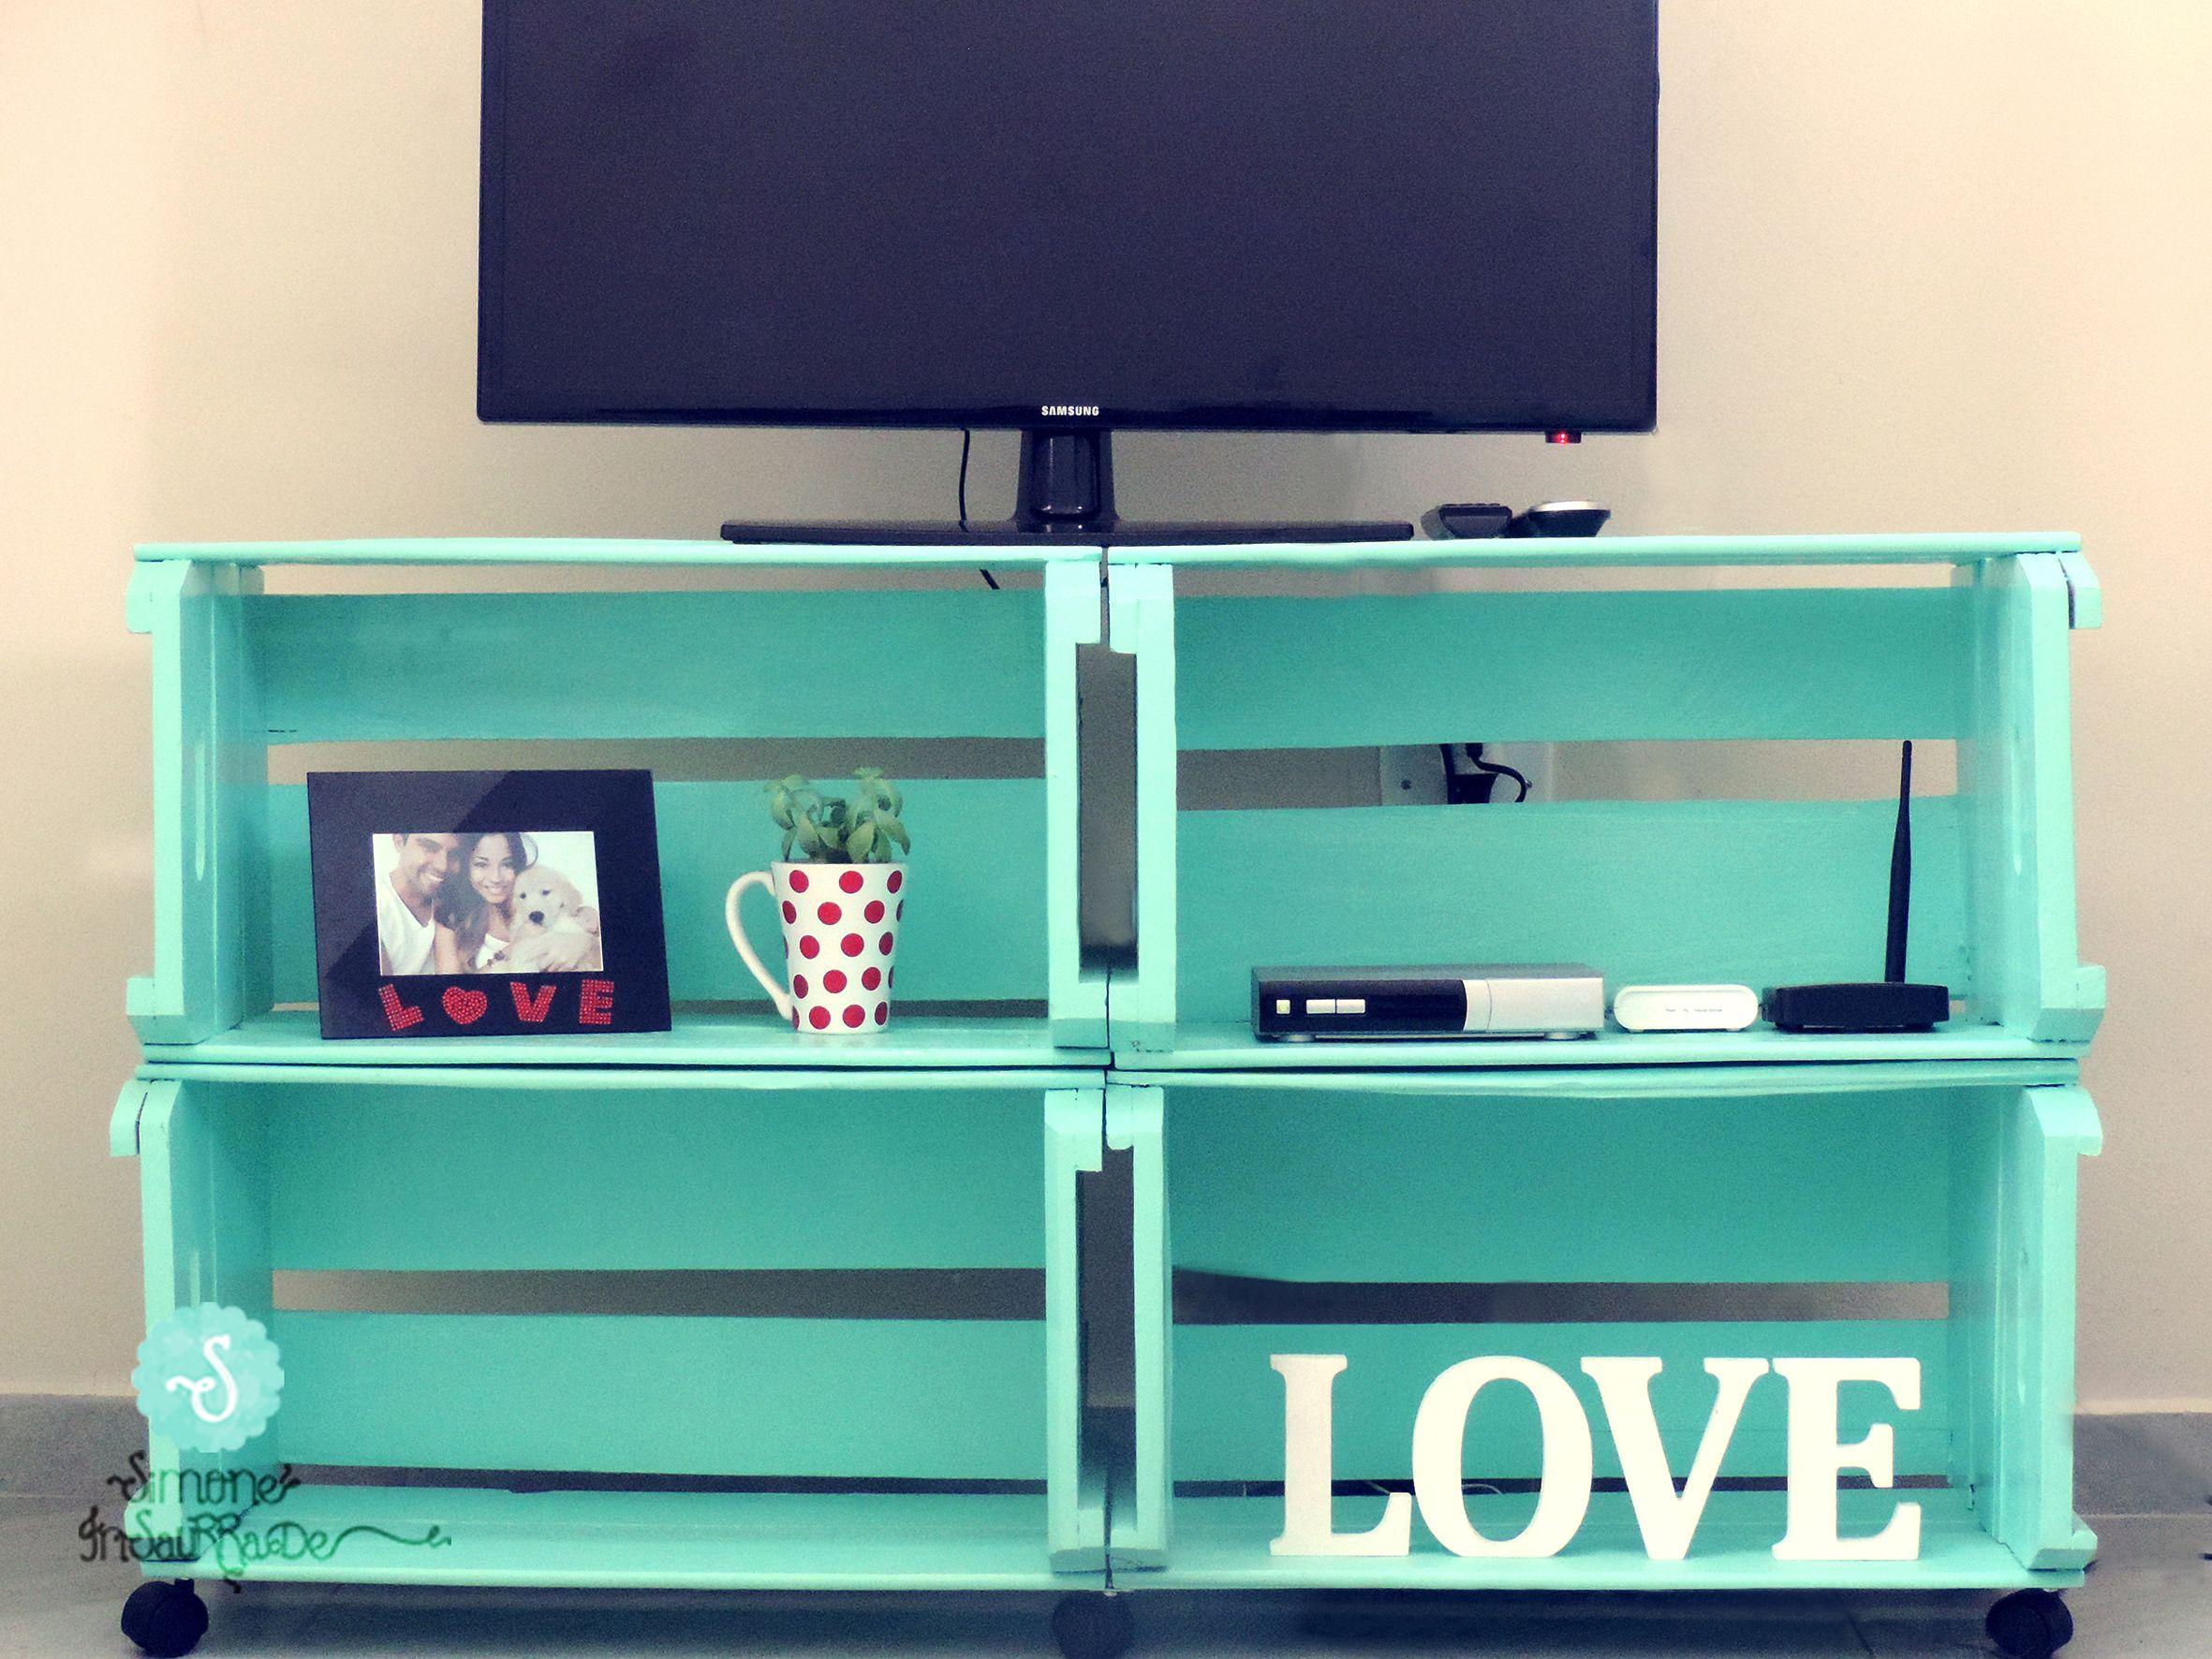 Módulo o mueble de televisión hecho con cajas de madera reciclada